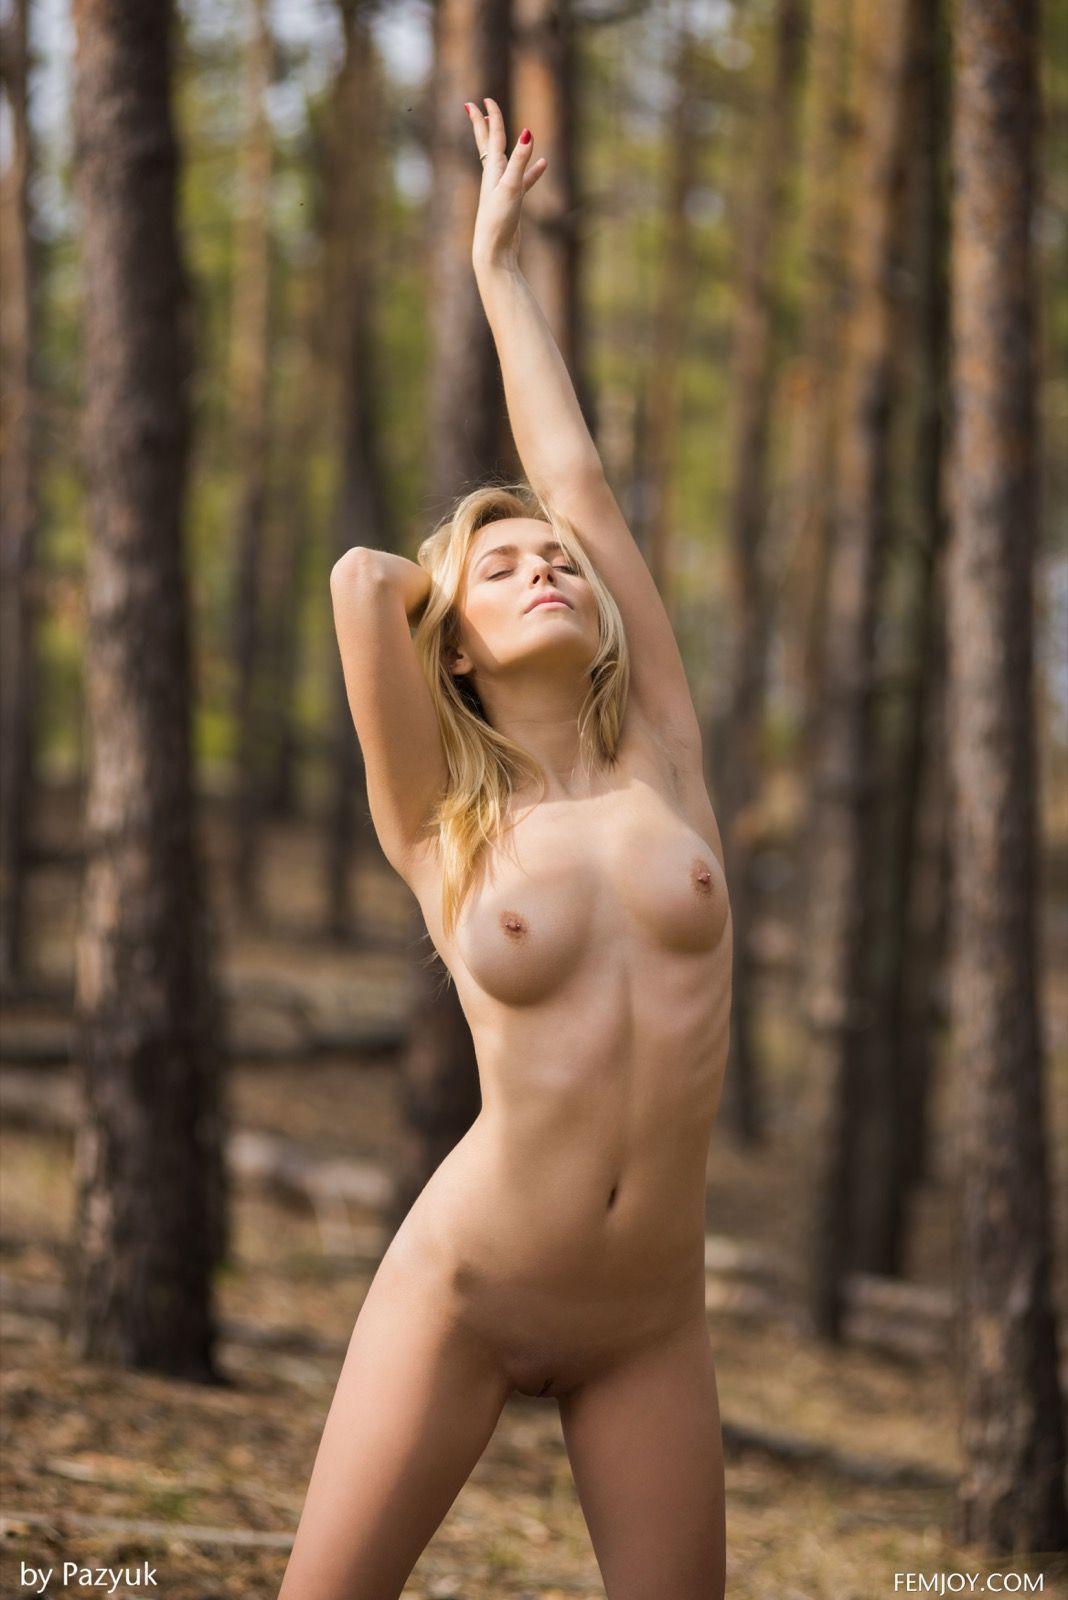 fotos-porno-ucraniana-gostosa-11